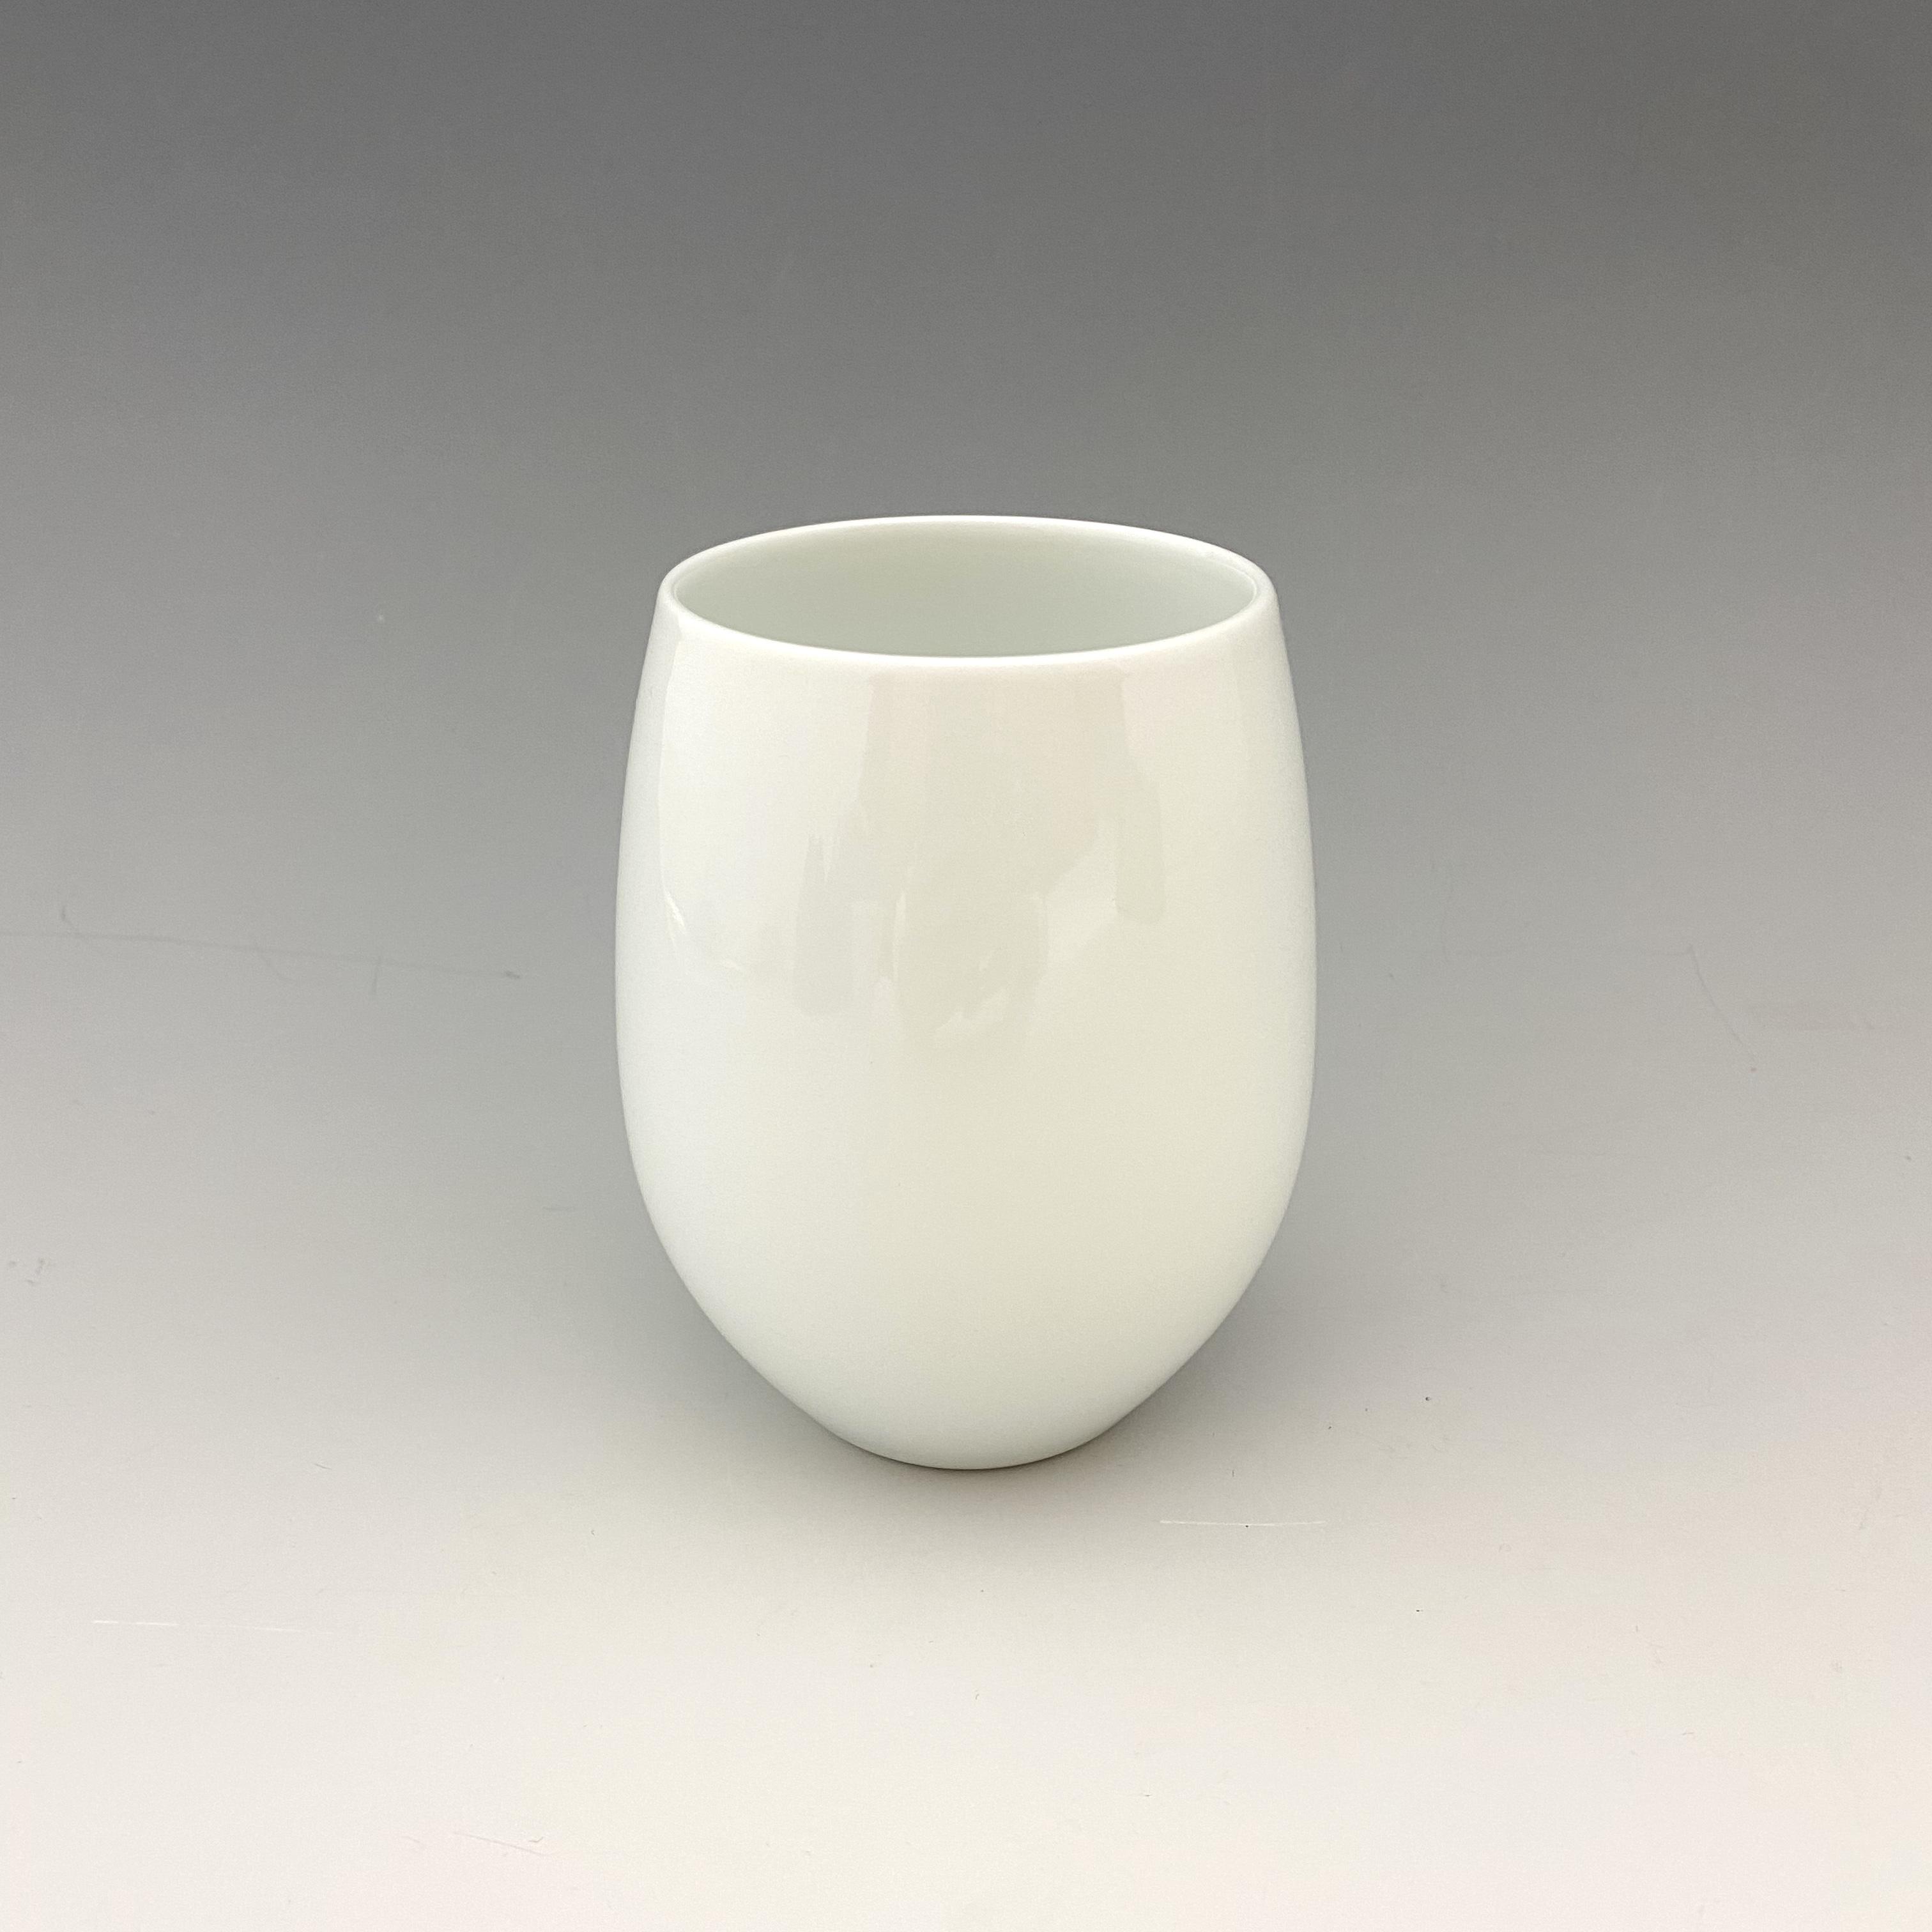 【中尾純】白磁ワインカップ